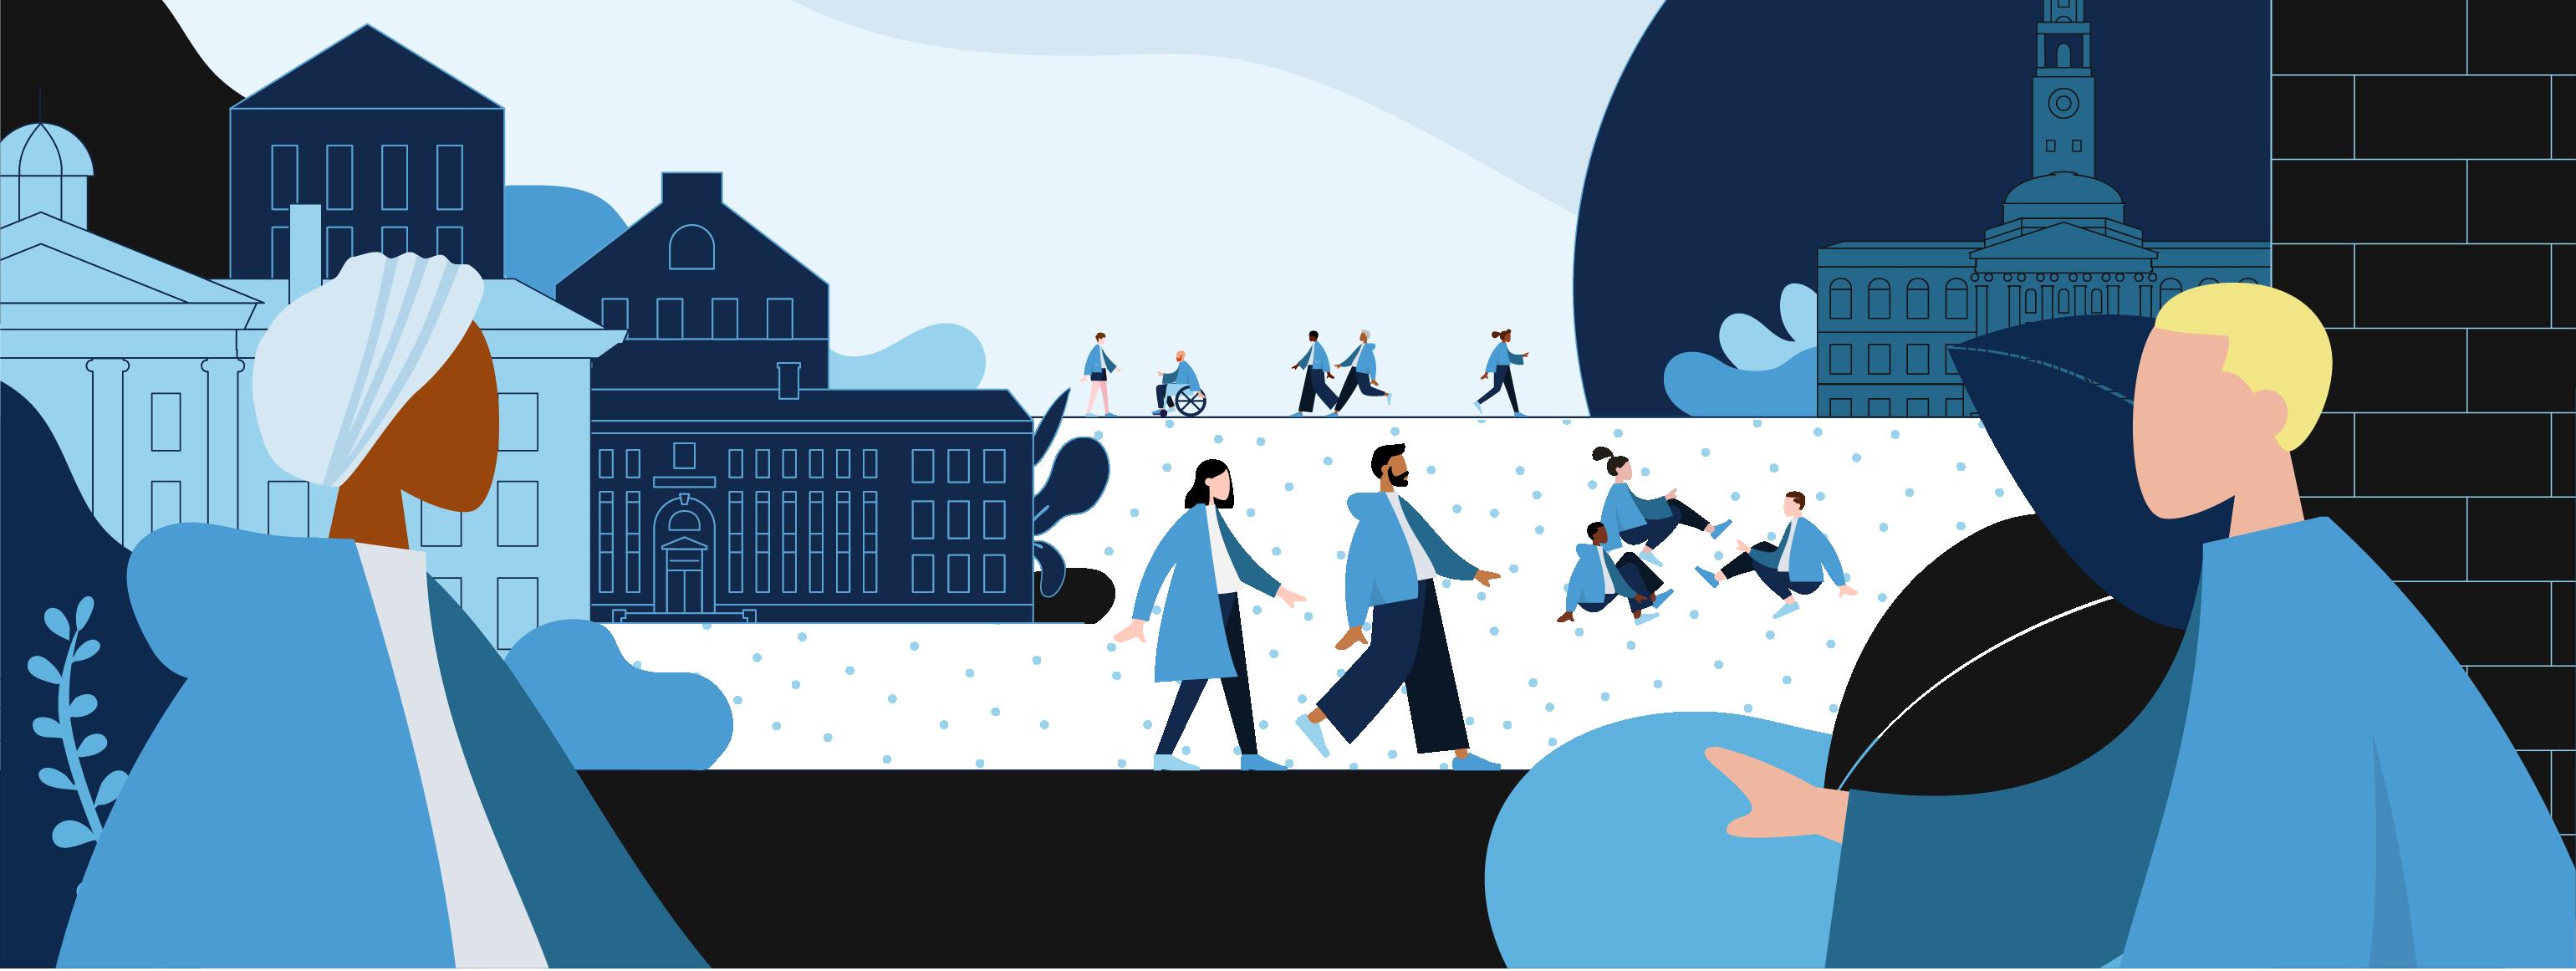 Return to Campus Illustration